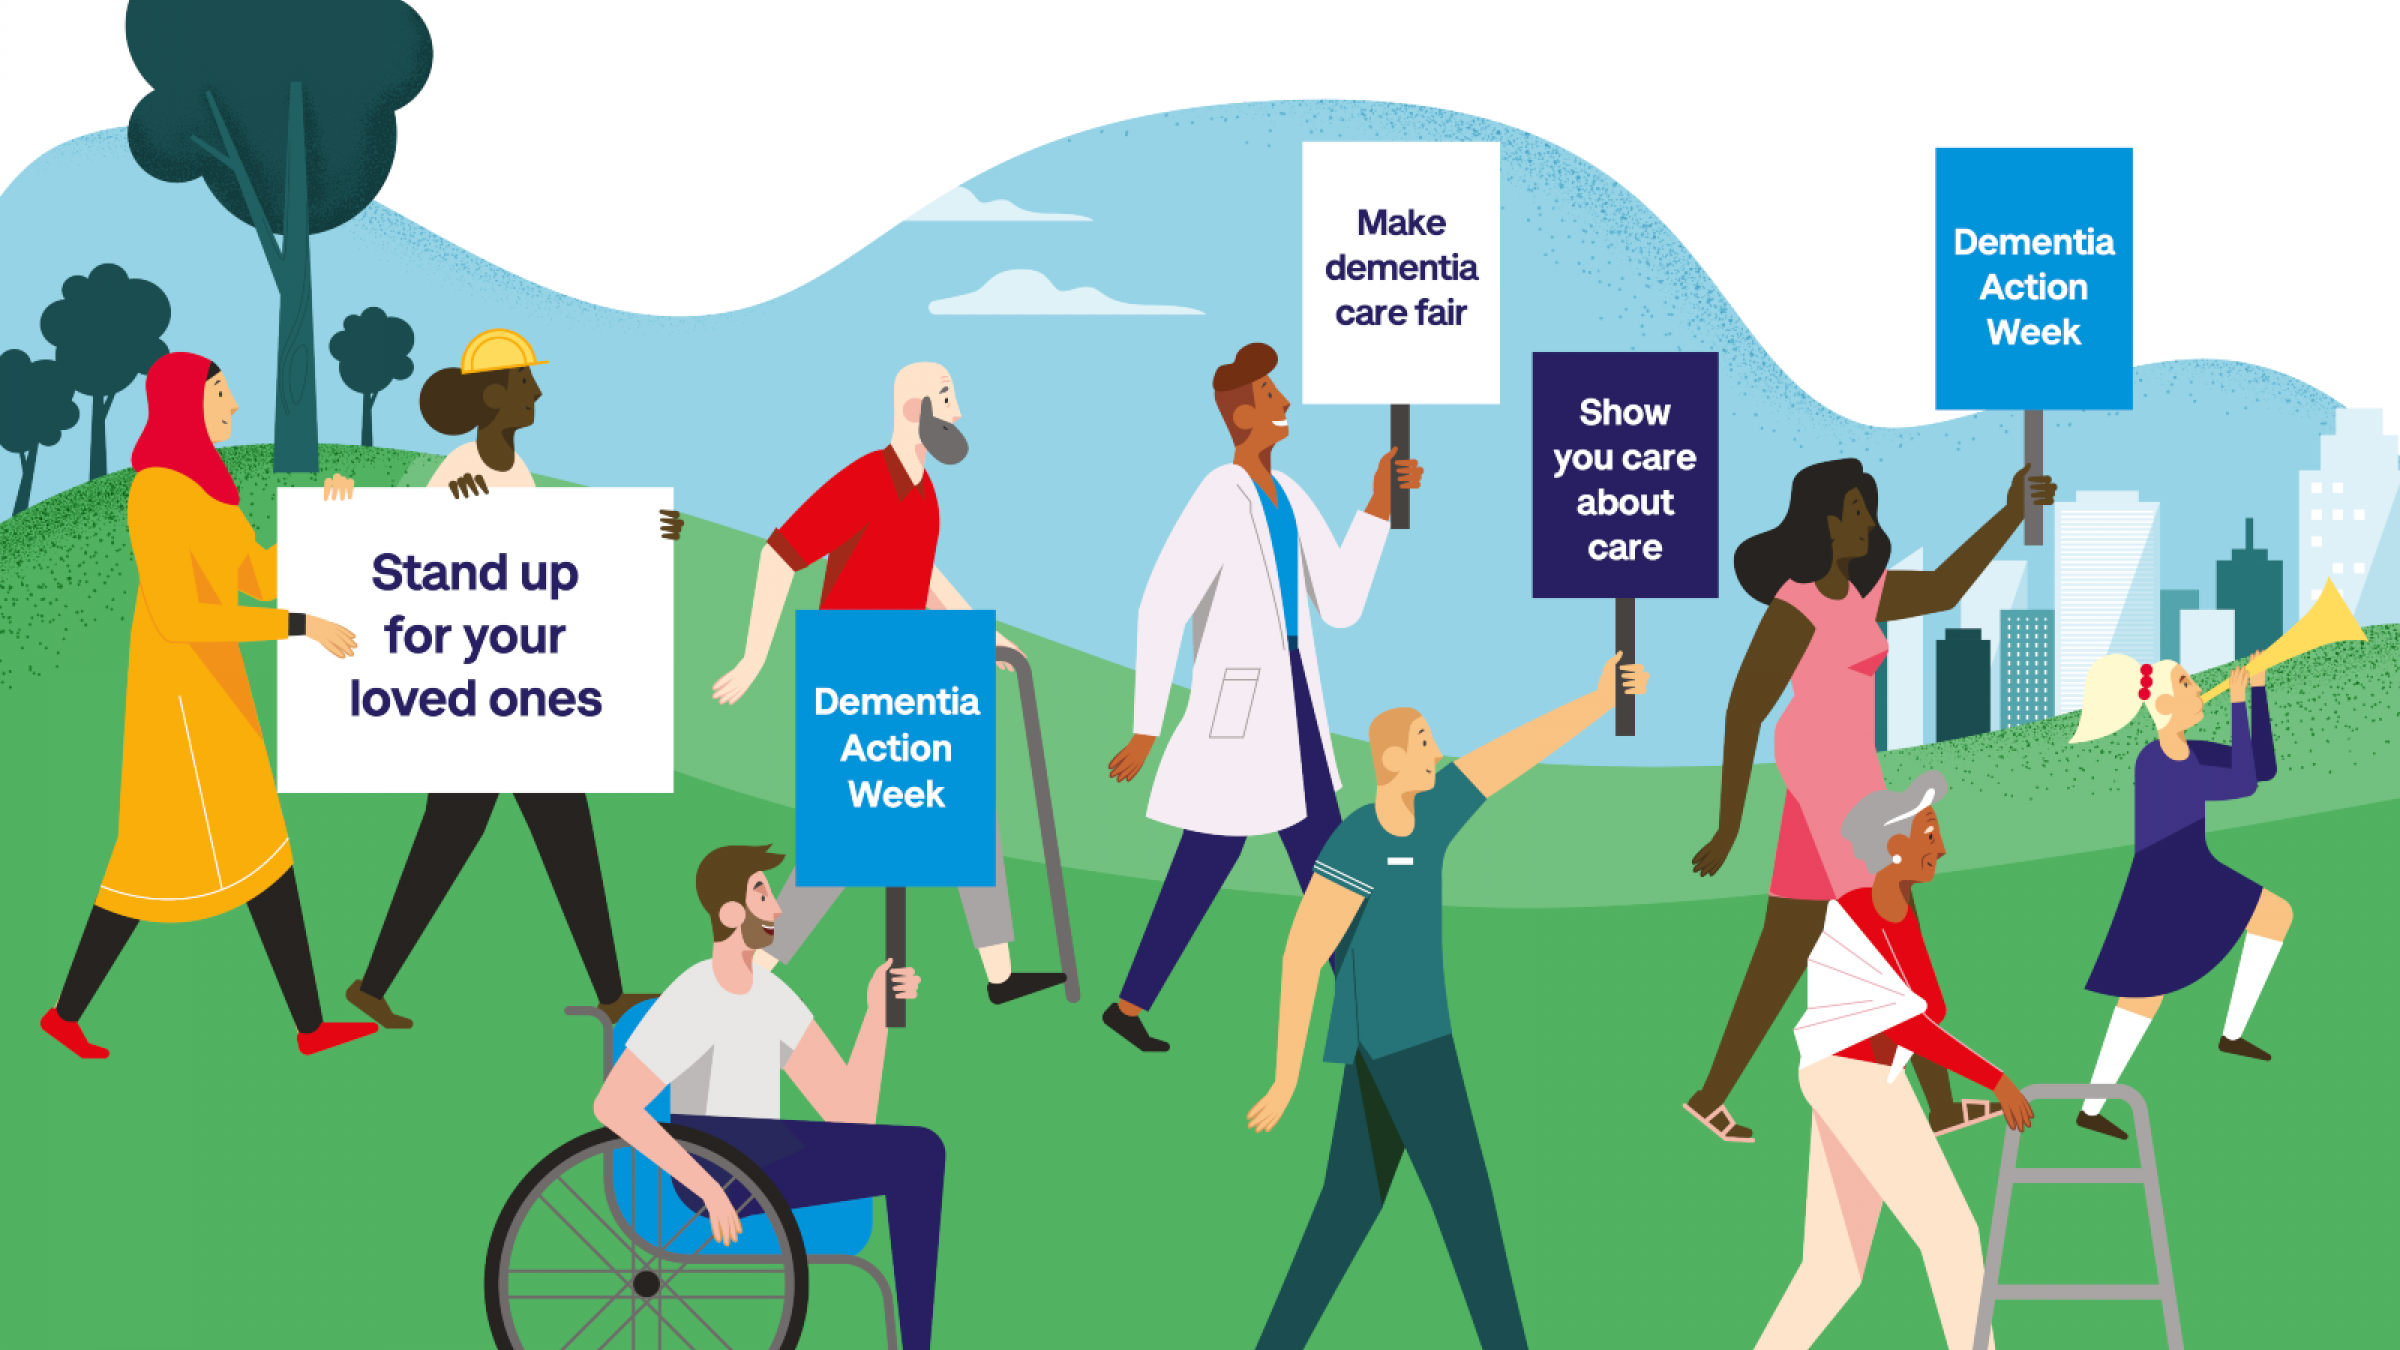 Dementia Action / Awareness Week 2021 - National Awareness Days Calendar  2021